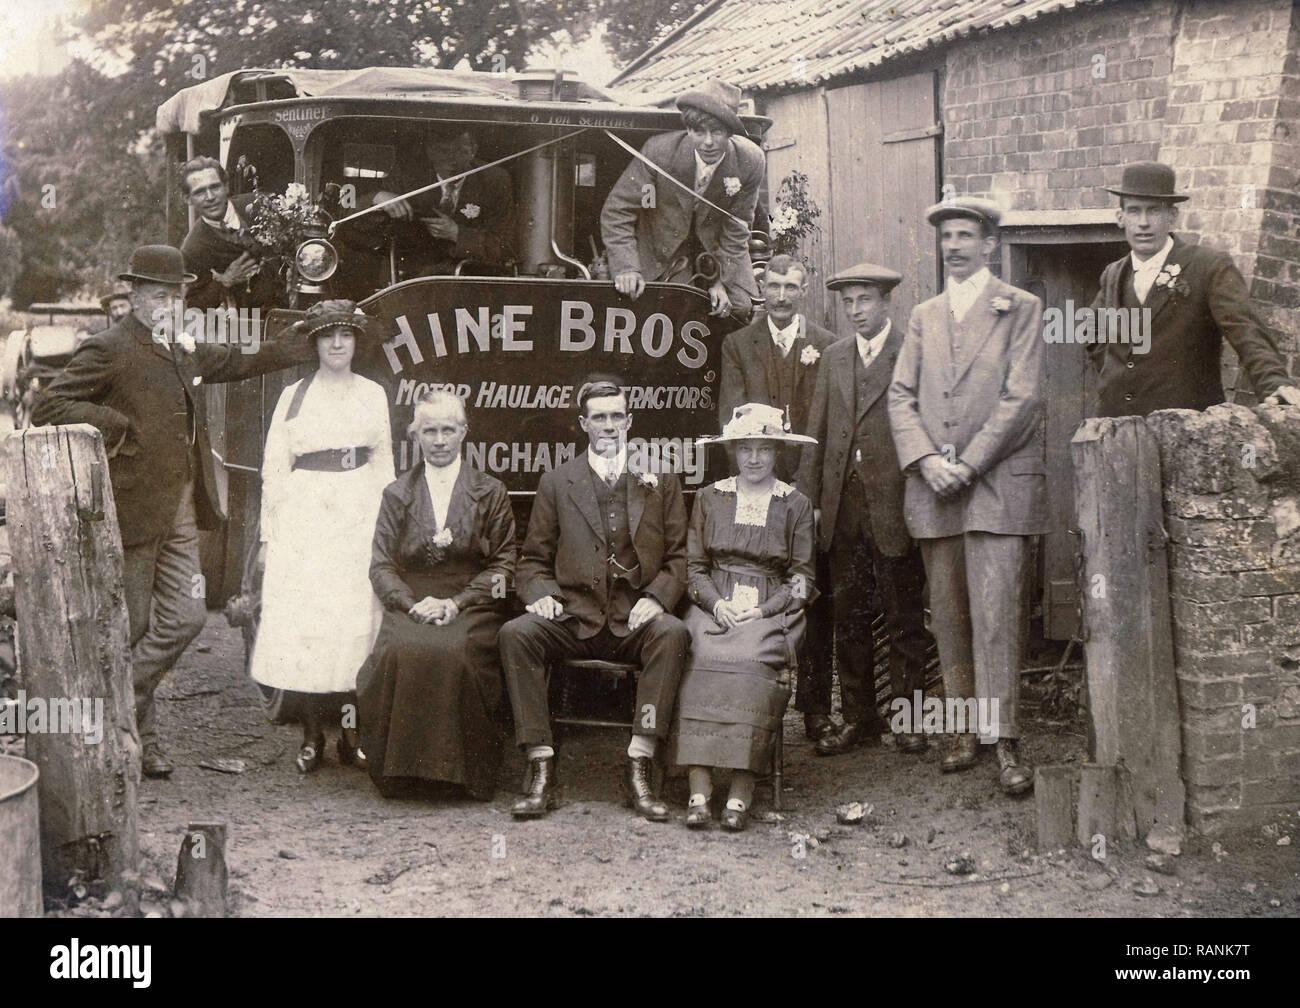 Archivio storico immagine della festa di nozze in posa con Sentinel 6-ton carro a vapore. Carro appartenenti a Hine Bros di Gillingham, Dorset Immagini Stock